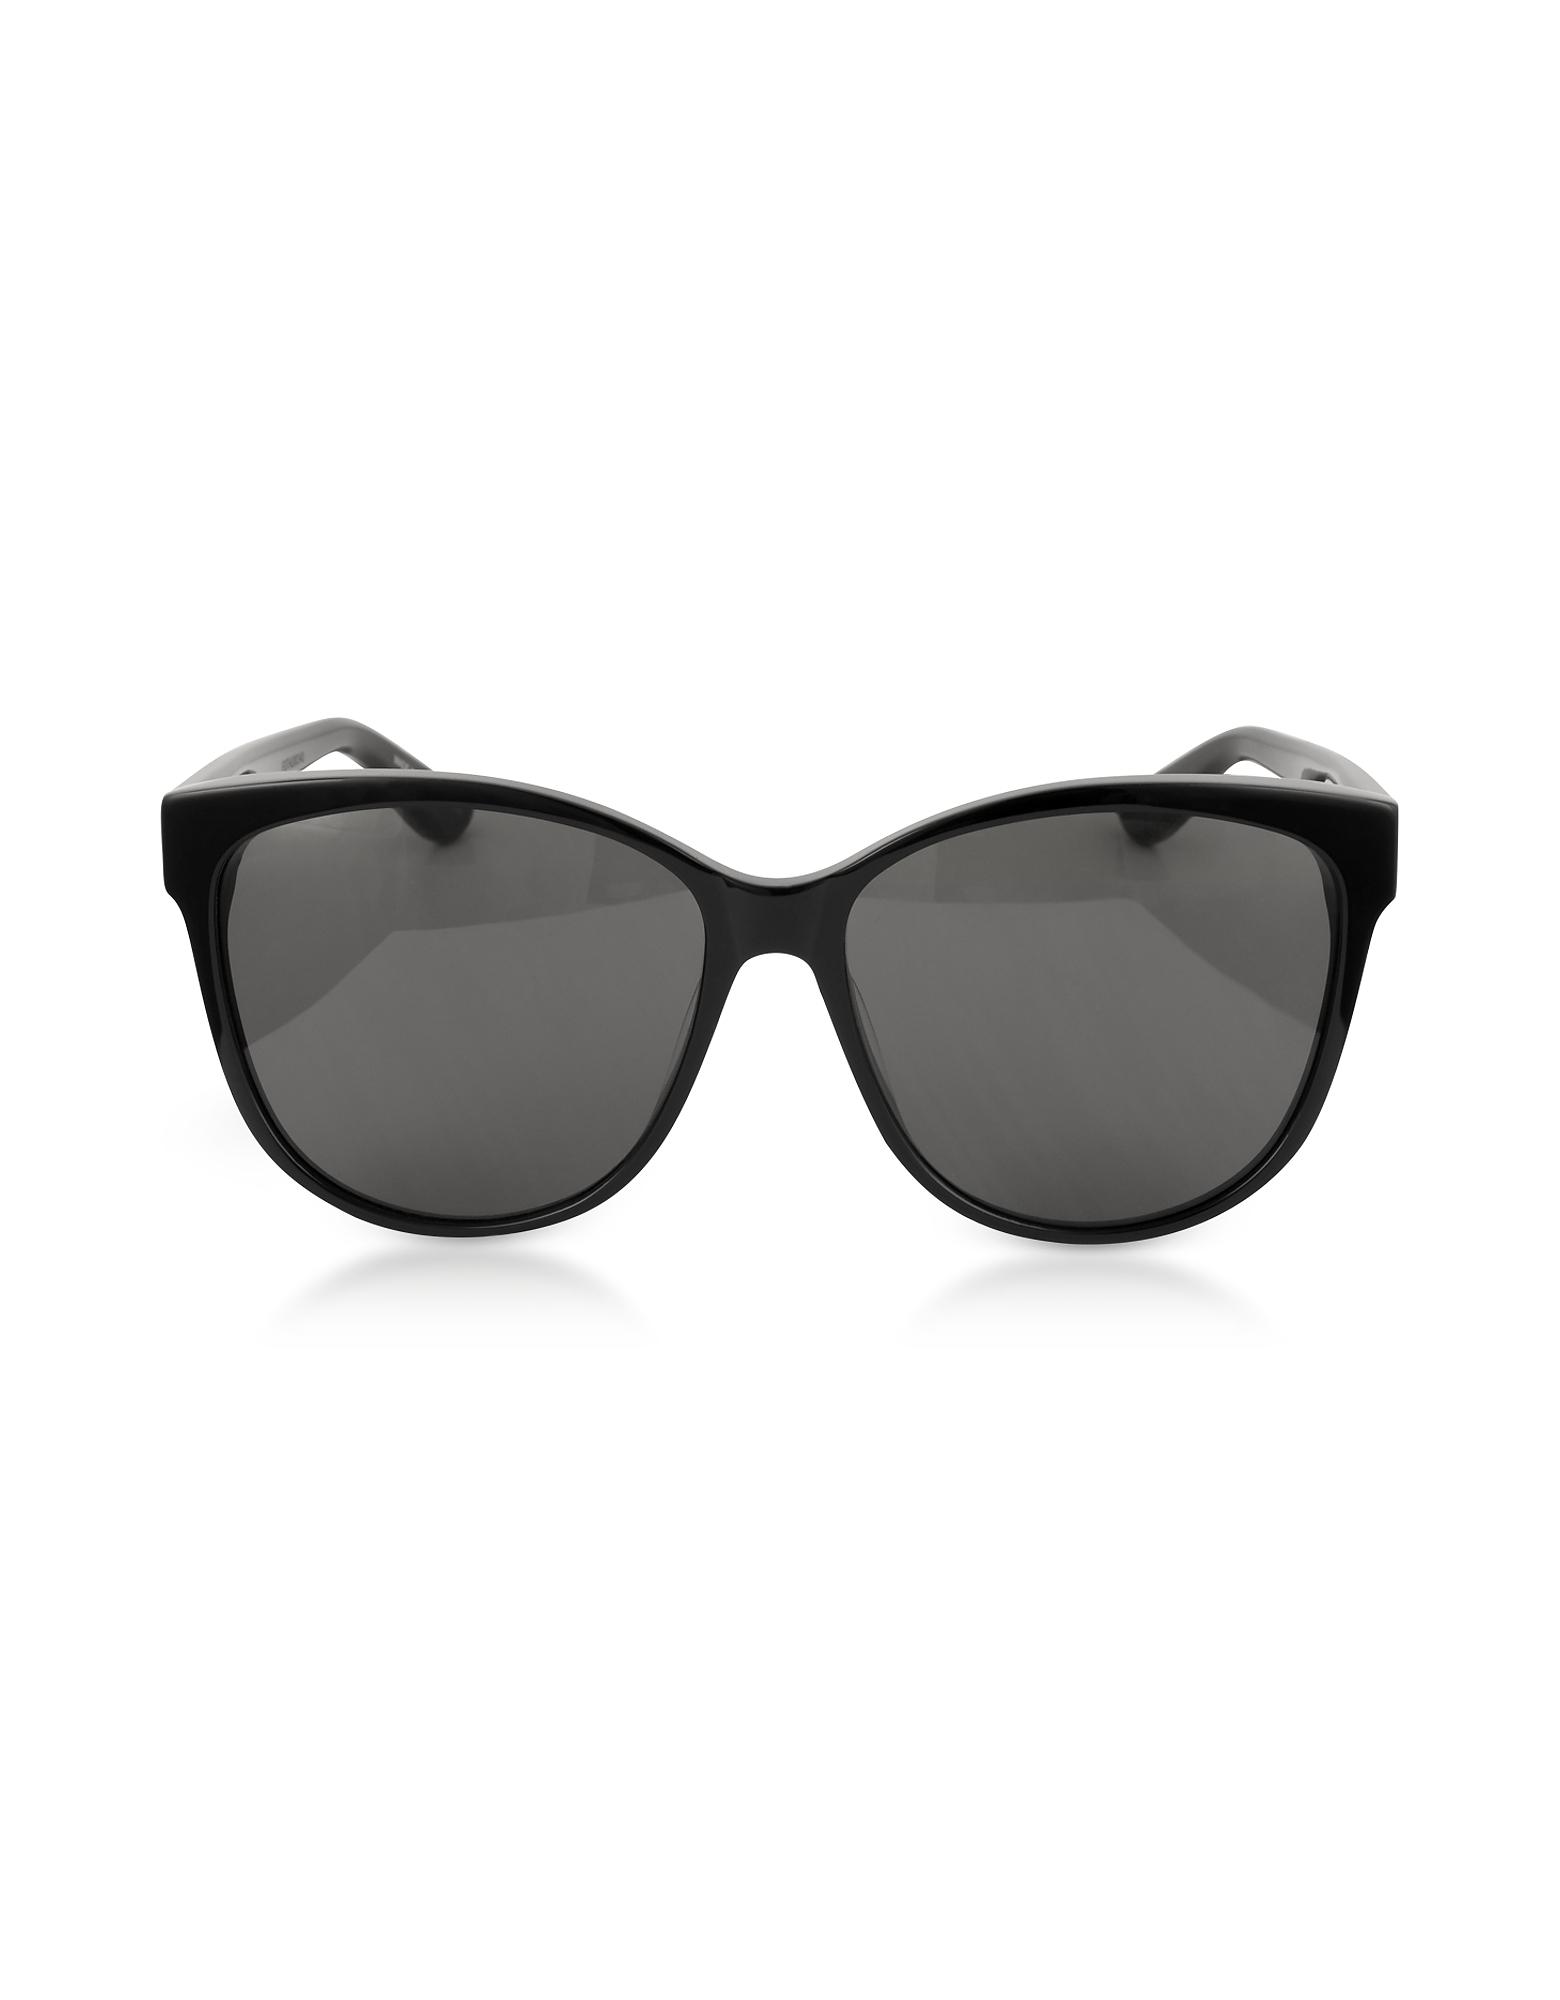 SL M23/K Oval Frame Women's Sunglasses